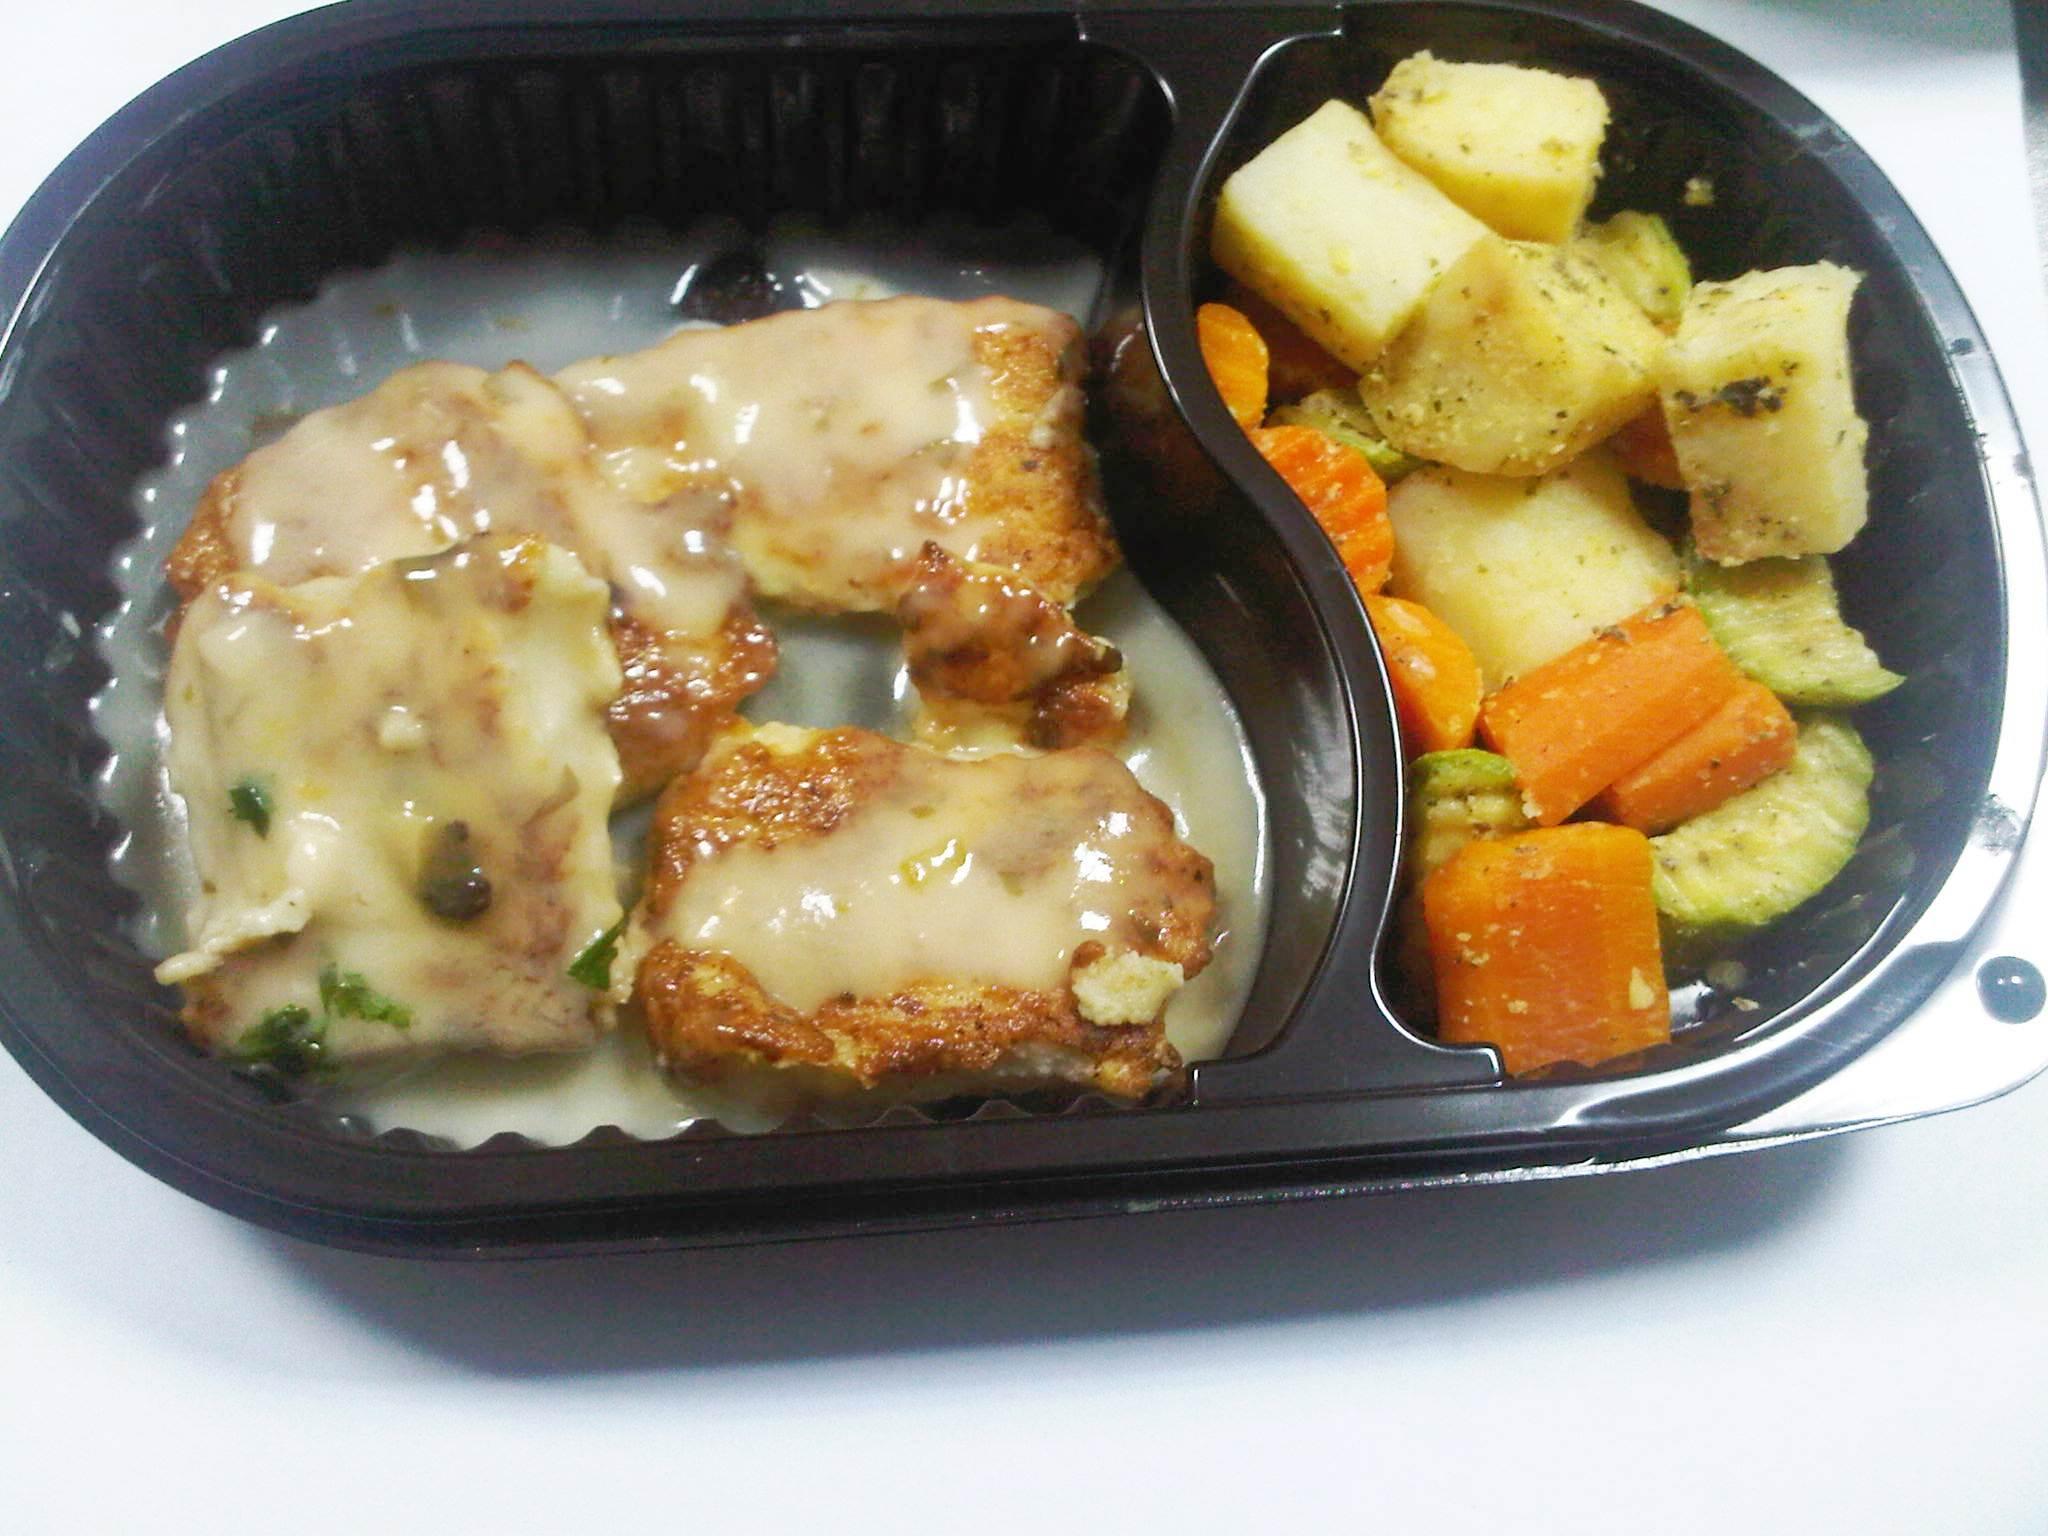 صورة وجبات دايت , وجبات دايت سريعة للجامعة